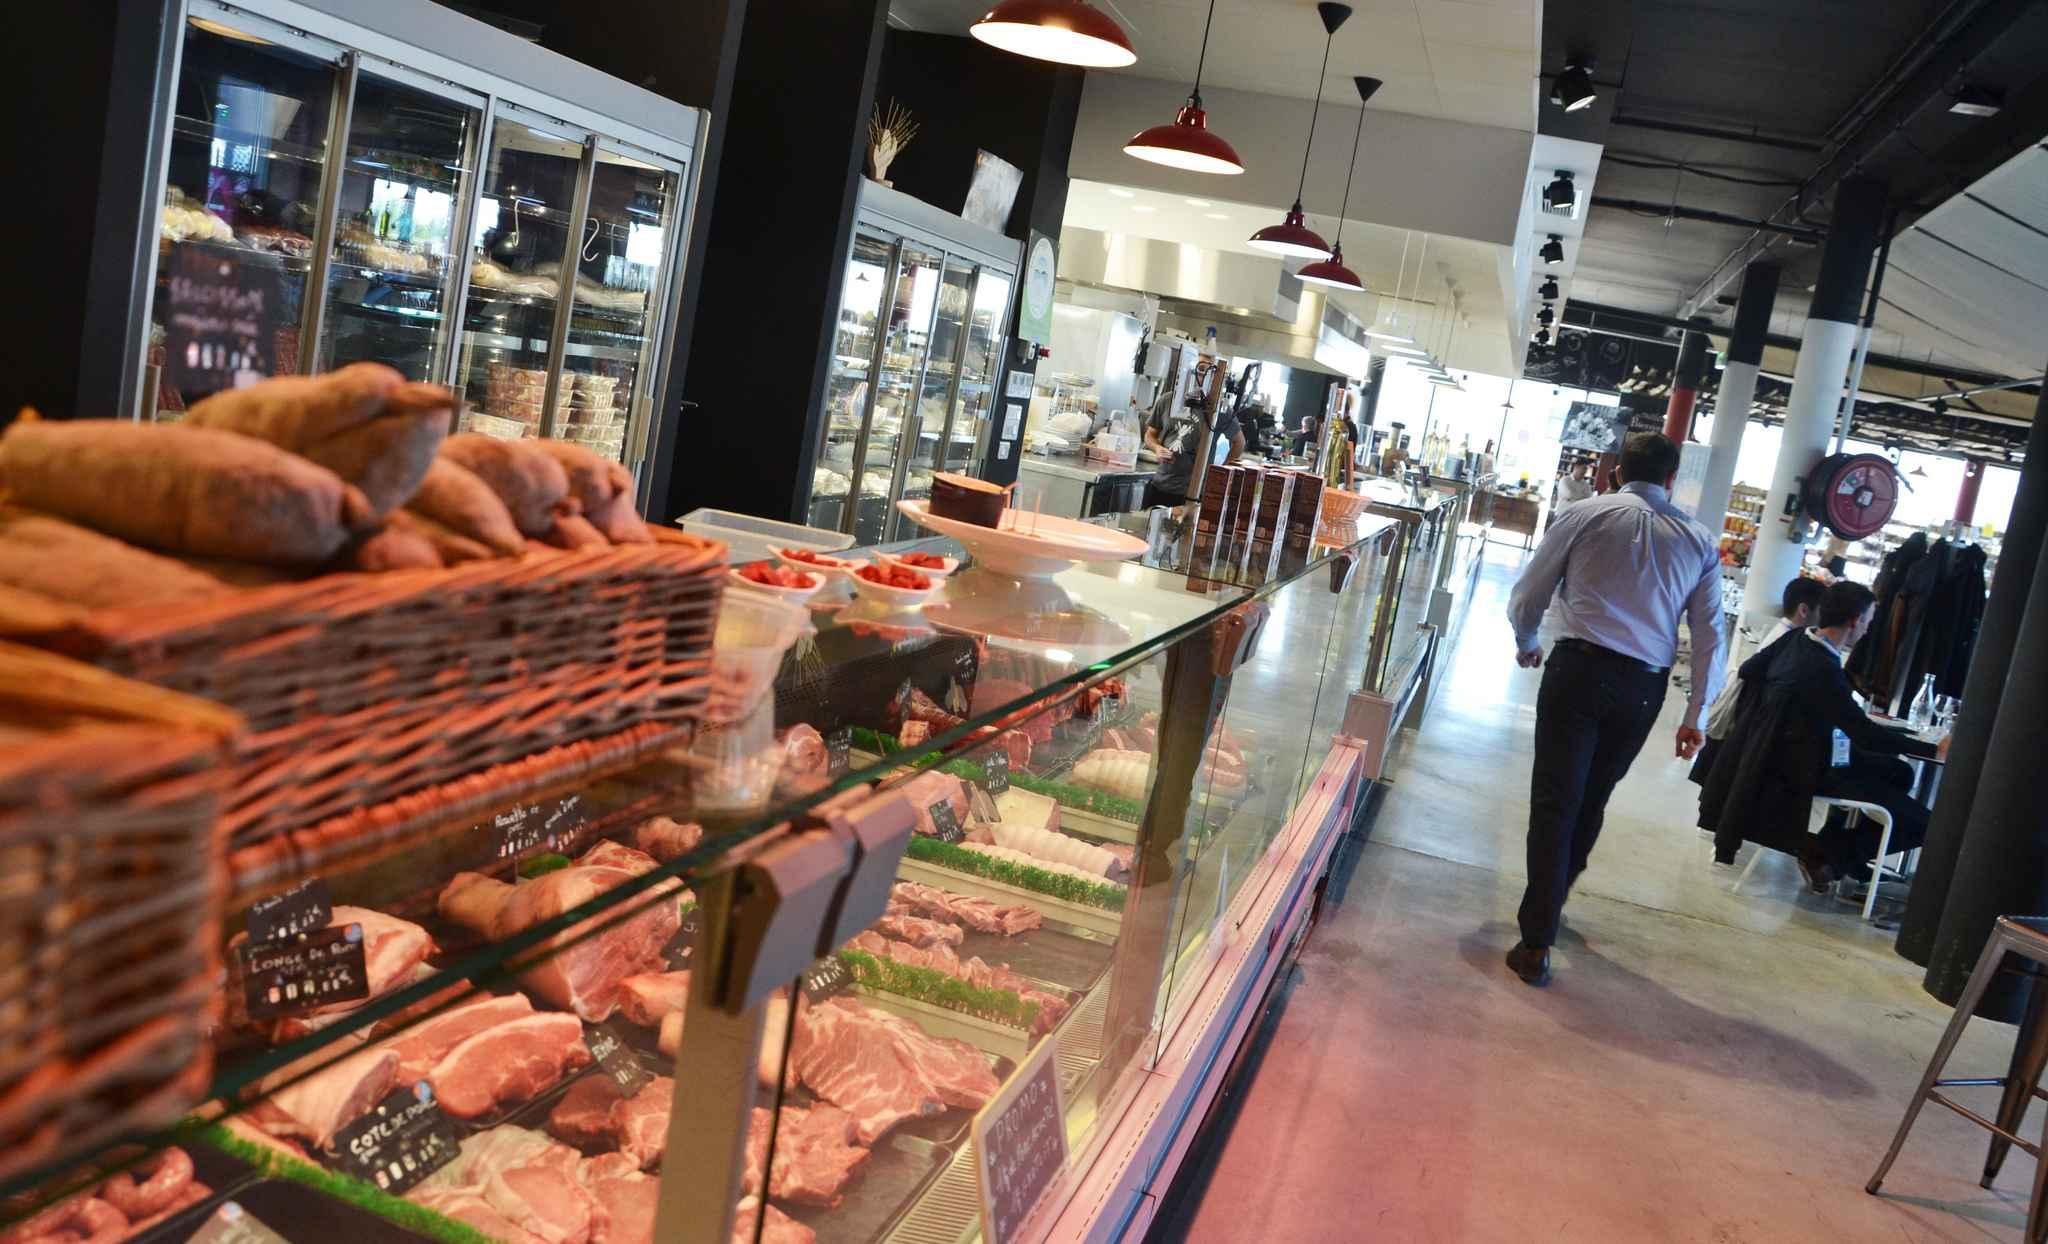 Montpellier les halles fou de sud ce restaurant o on choisit soi m me les produits qu 39 on va - La table du boucher lille ...